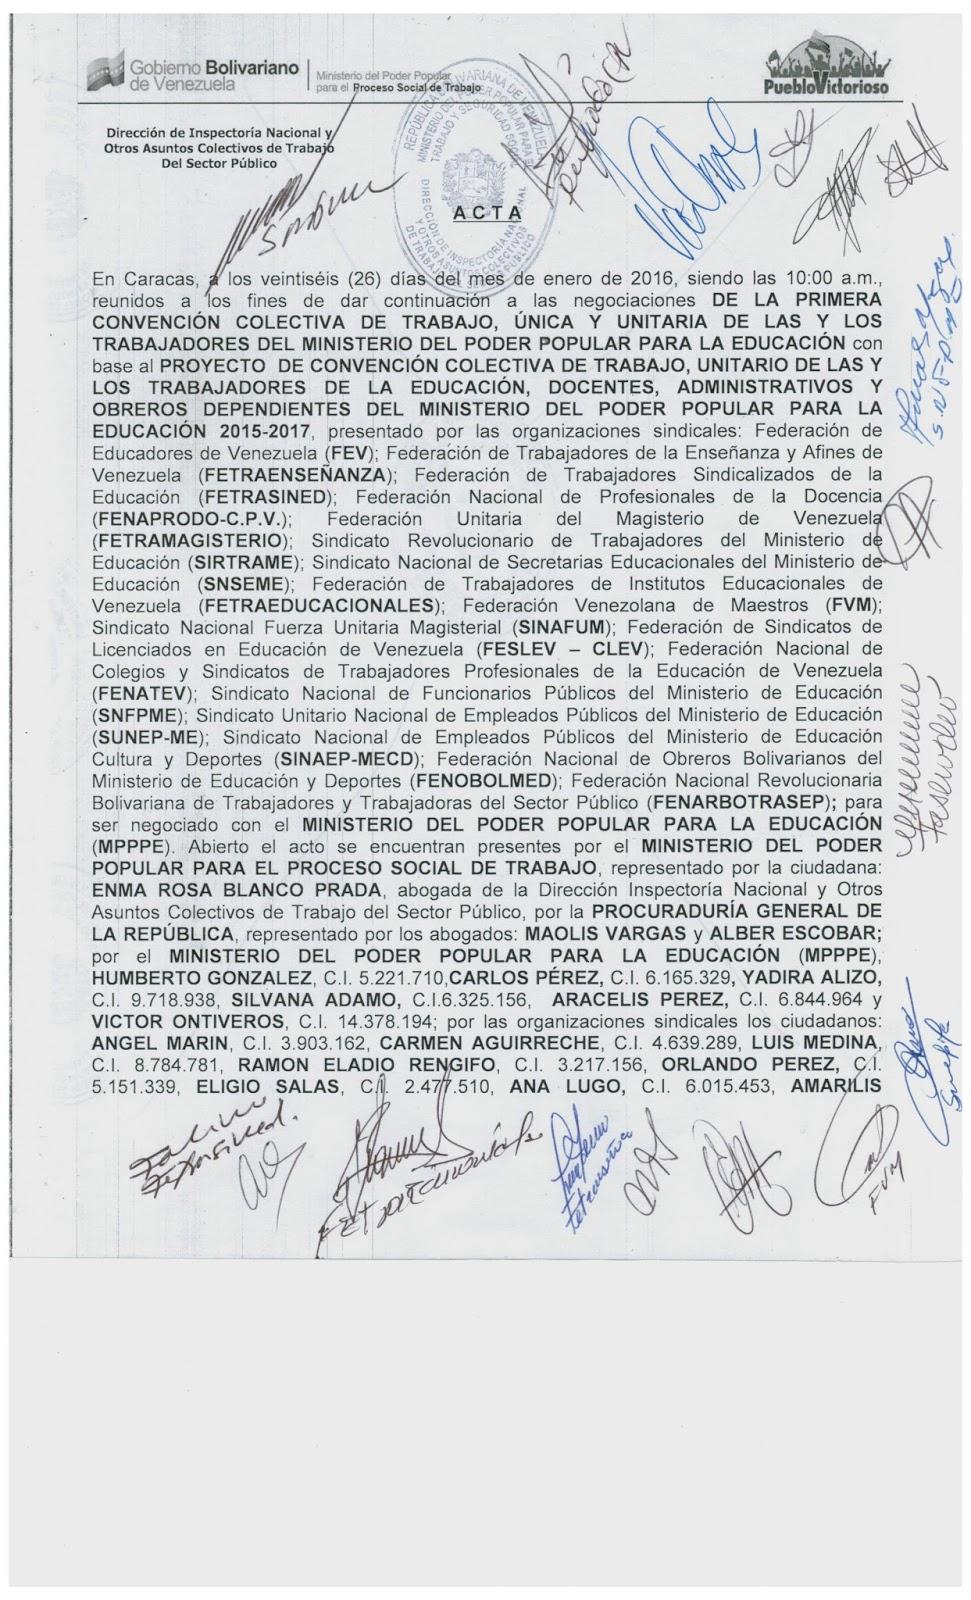 CLAUSULAS APROBADAS. ACTAS DEL 26/1/2016 CONTRATO UNITARIO